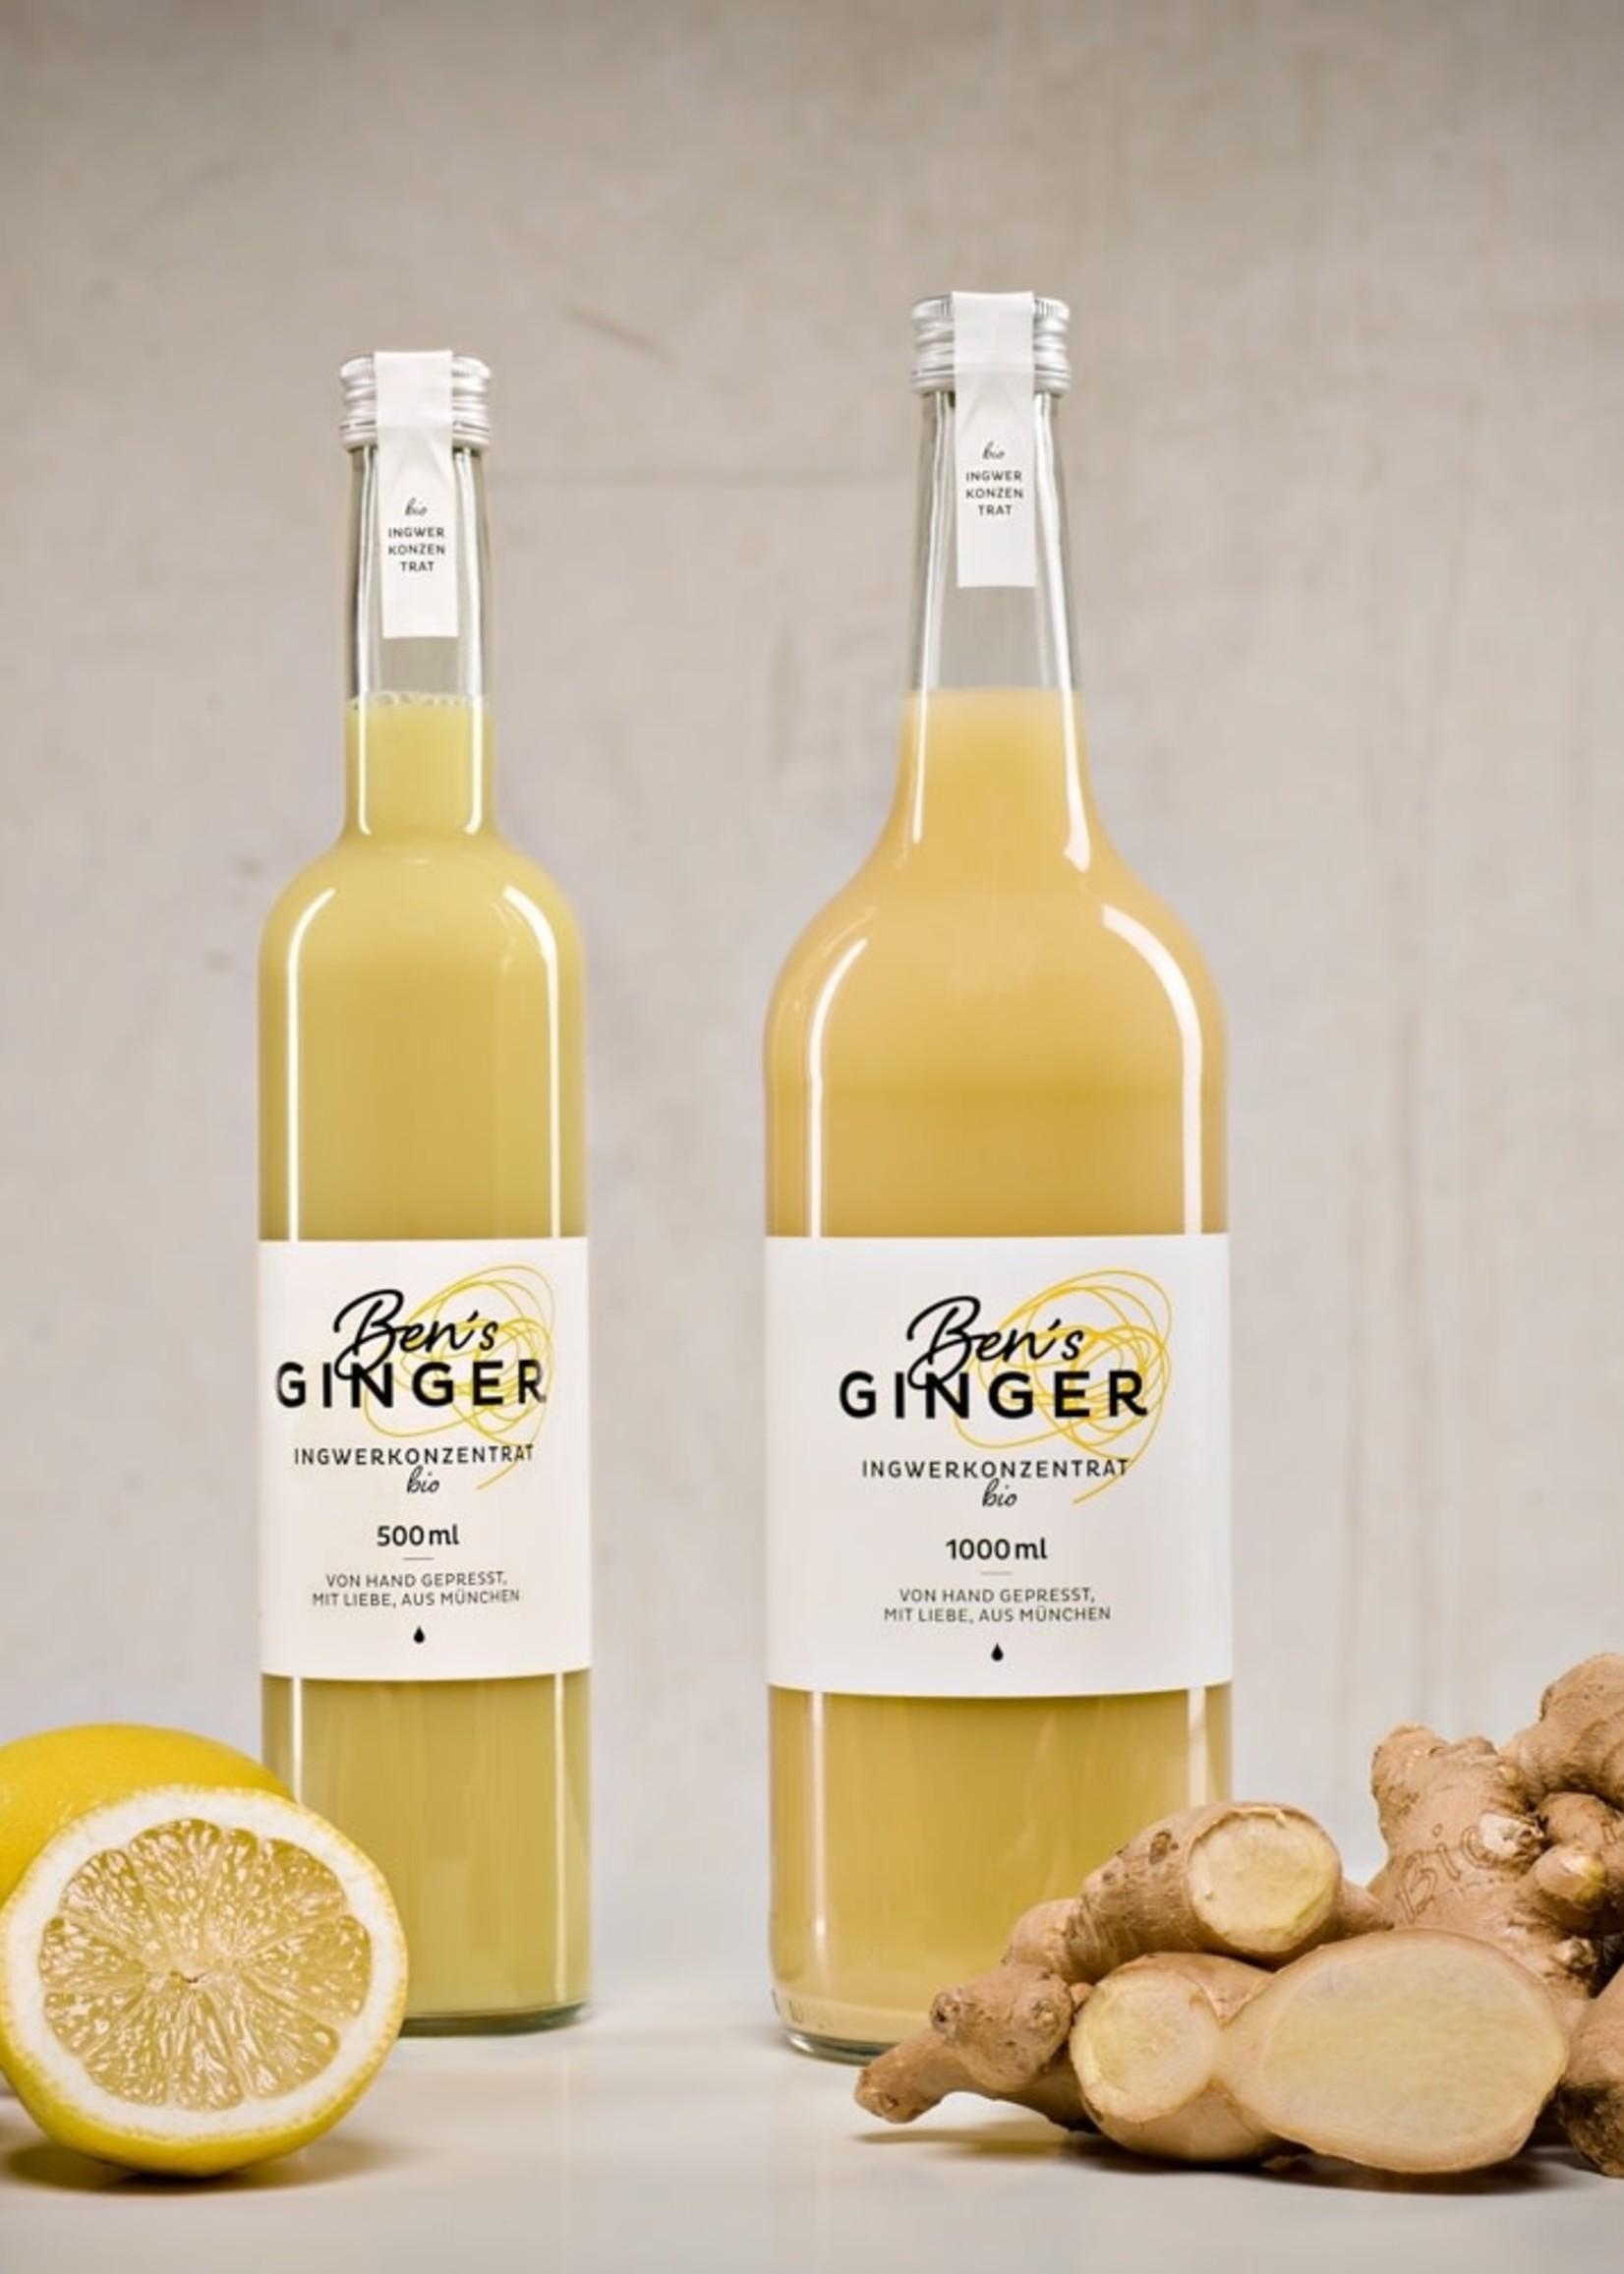 Ben's Ginger 0,5 l